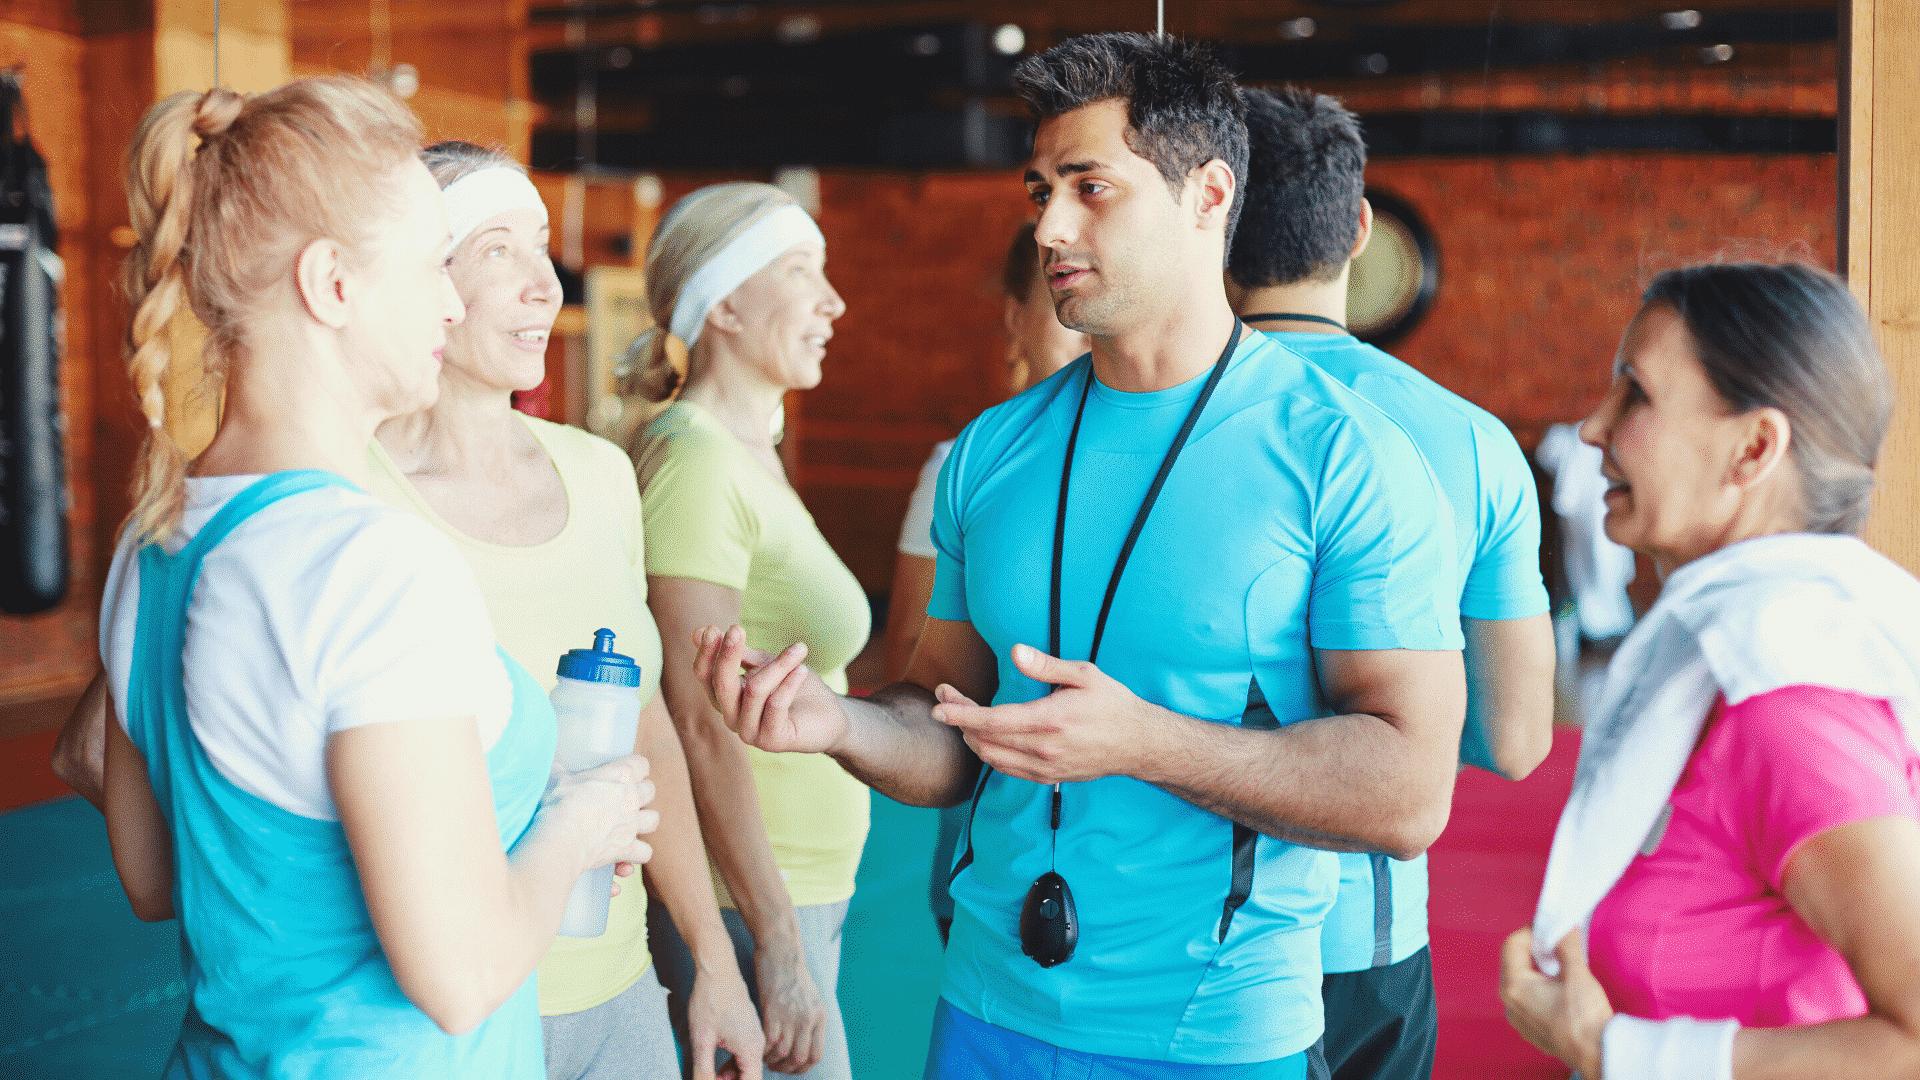 Sportgruppe steht um Trainer, Erklärung, Indoor